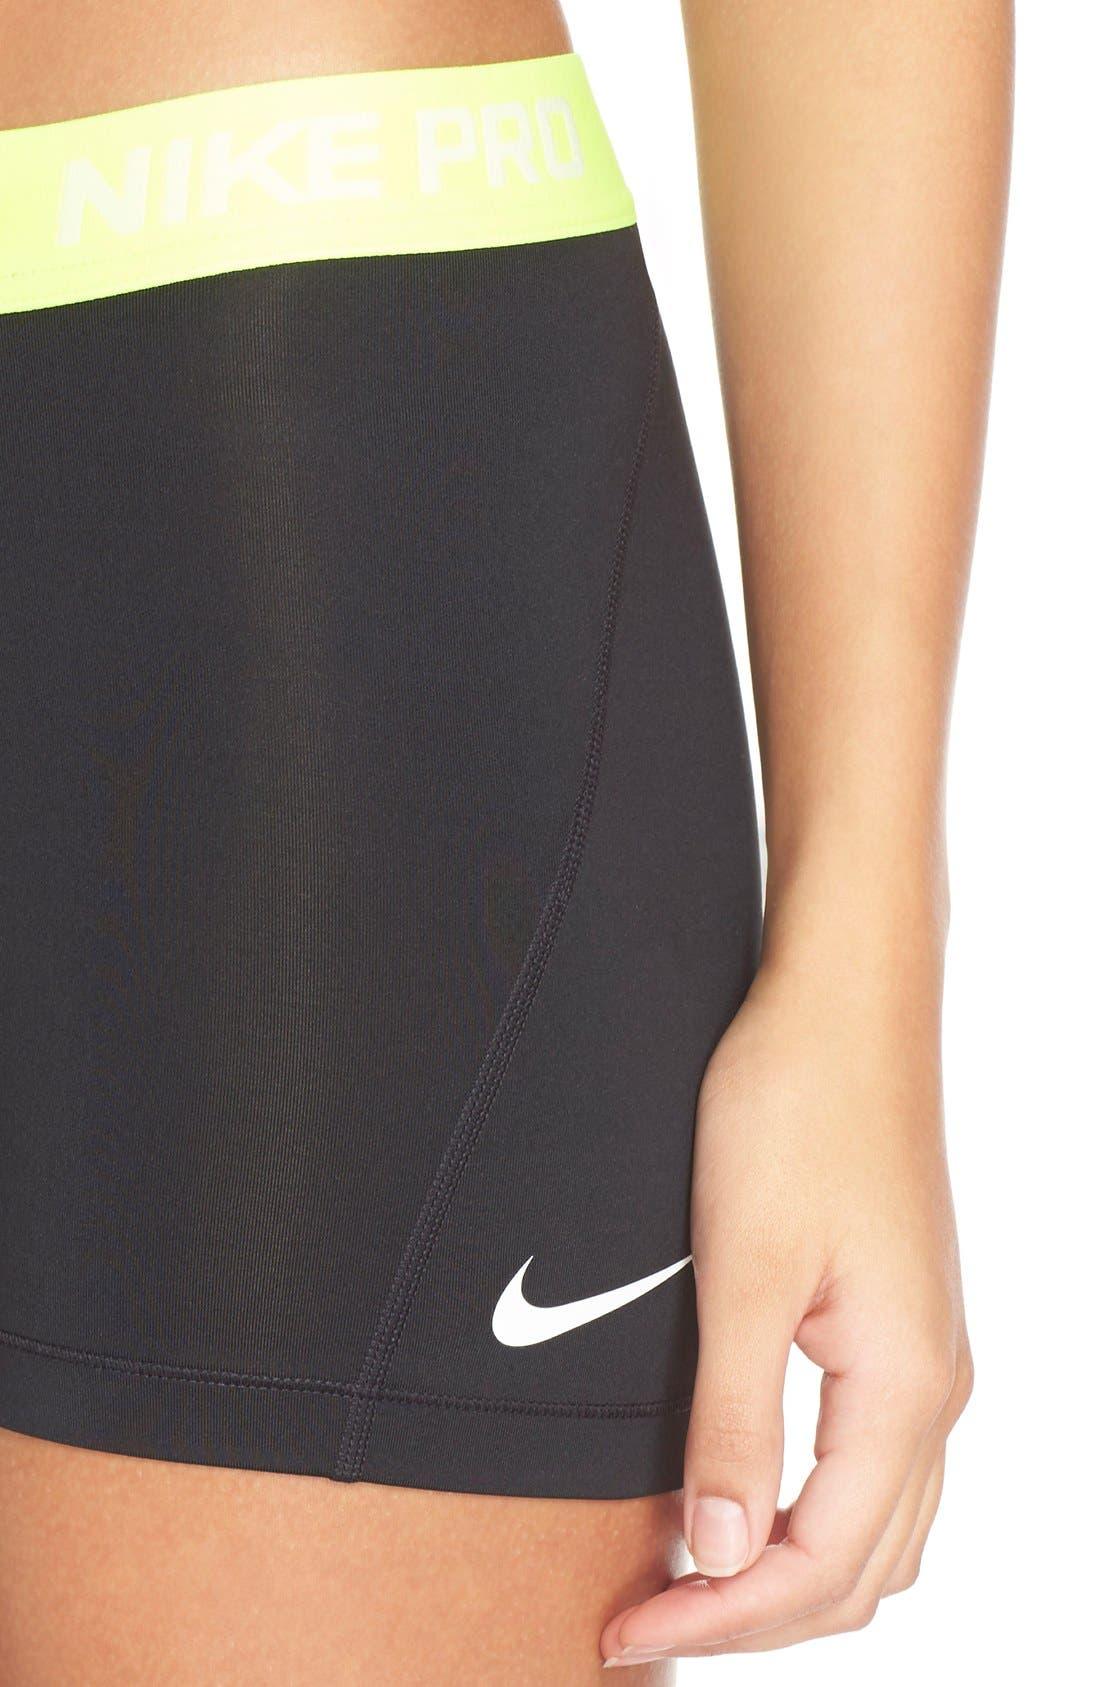 NIKE,                             'Pro' Dri-FIT Shorts,                             Alternate thumbnail 2, color,                             012